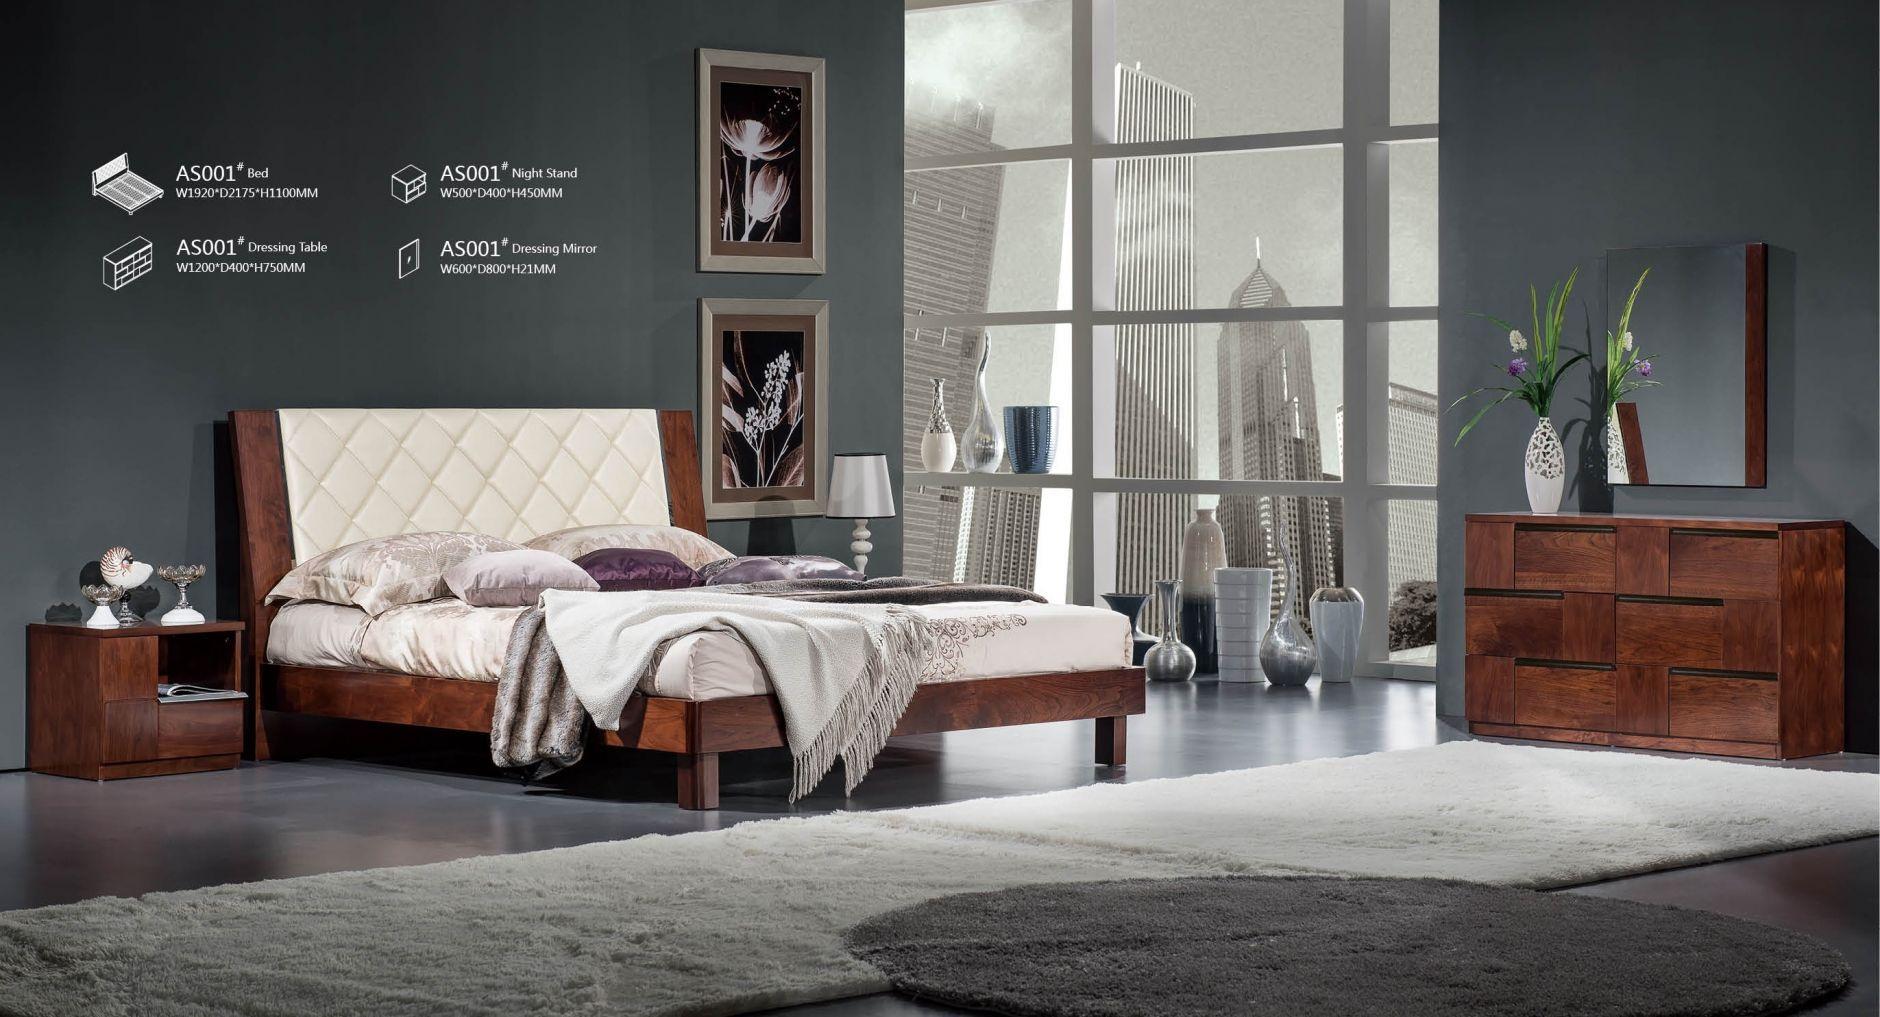 Designer m bel schlafzimmer serie as001die m bel aus italien - Designermobel italien ...